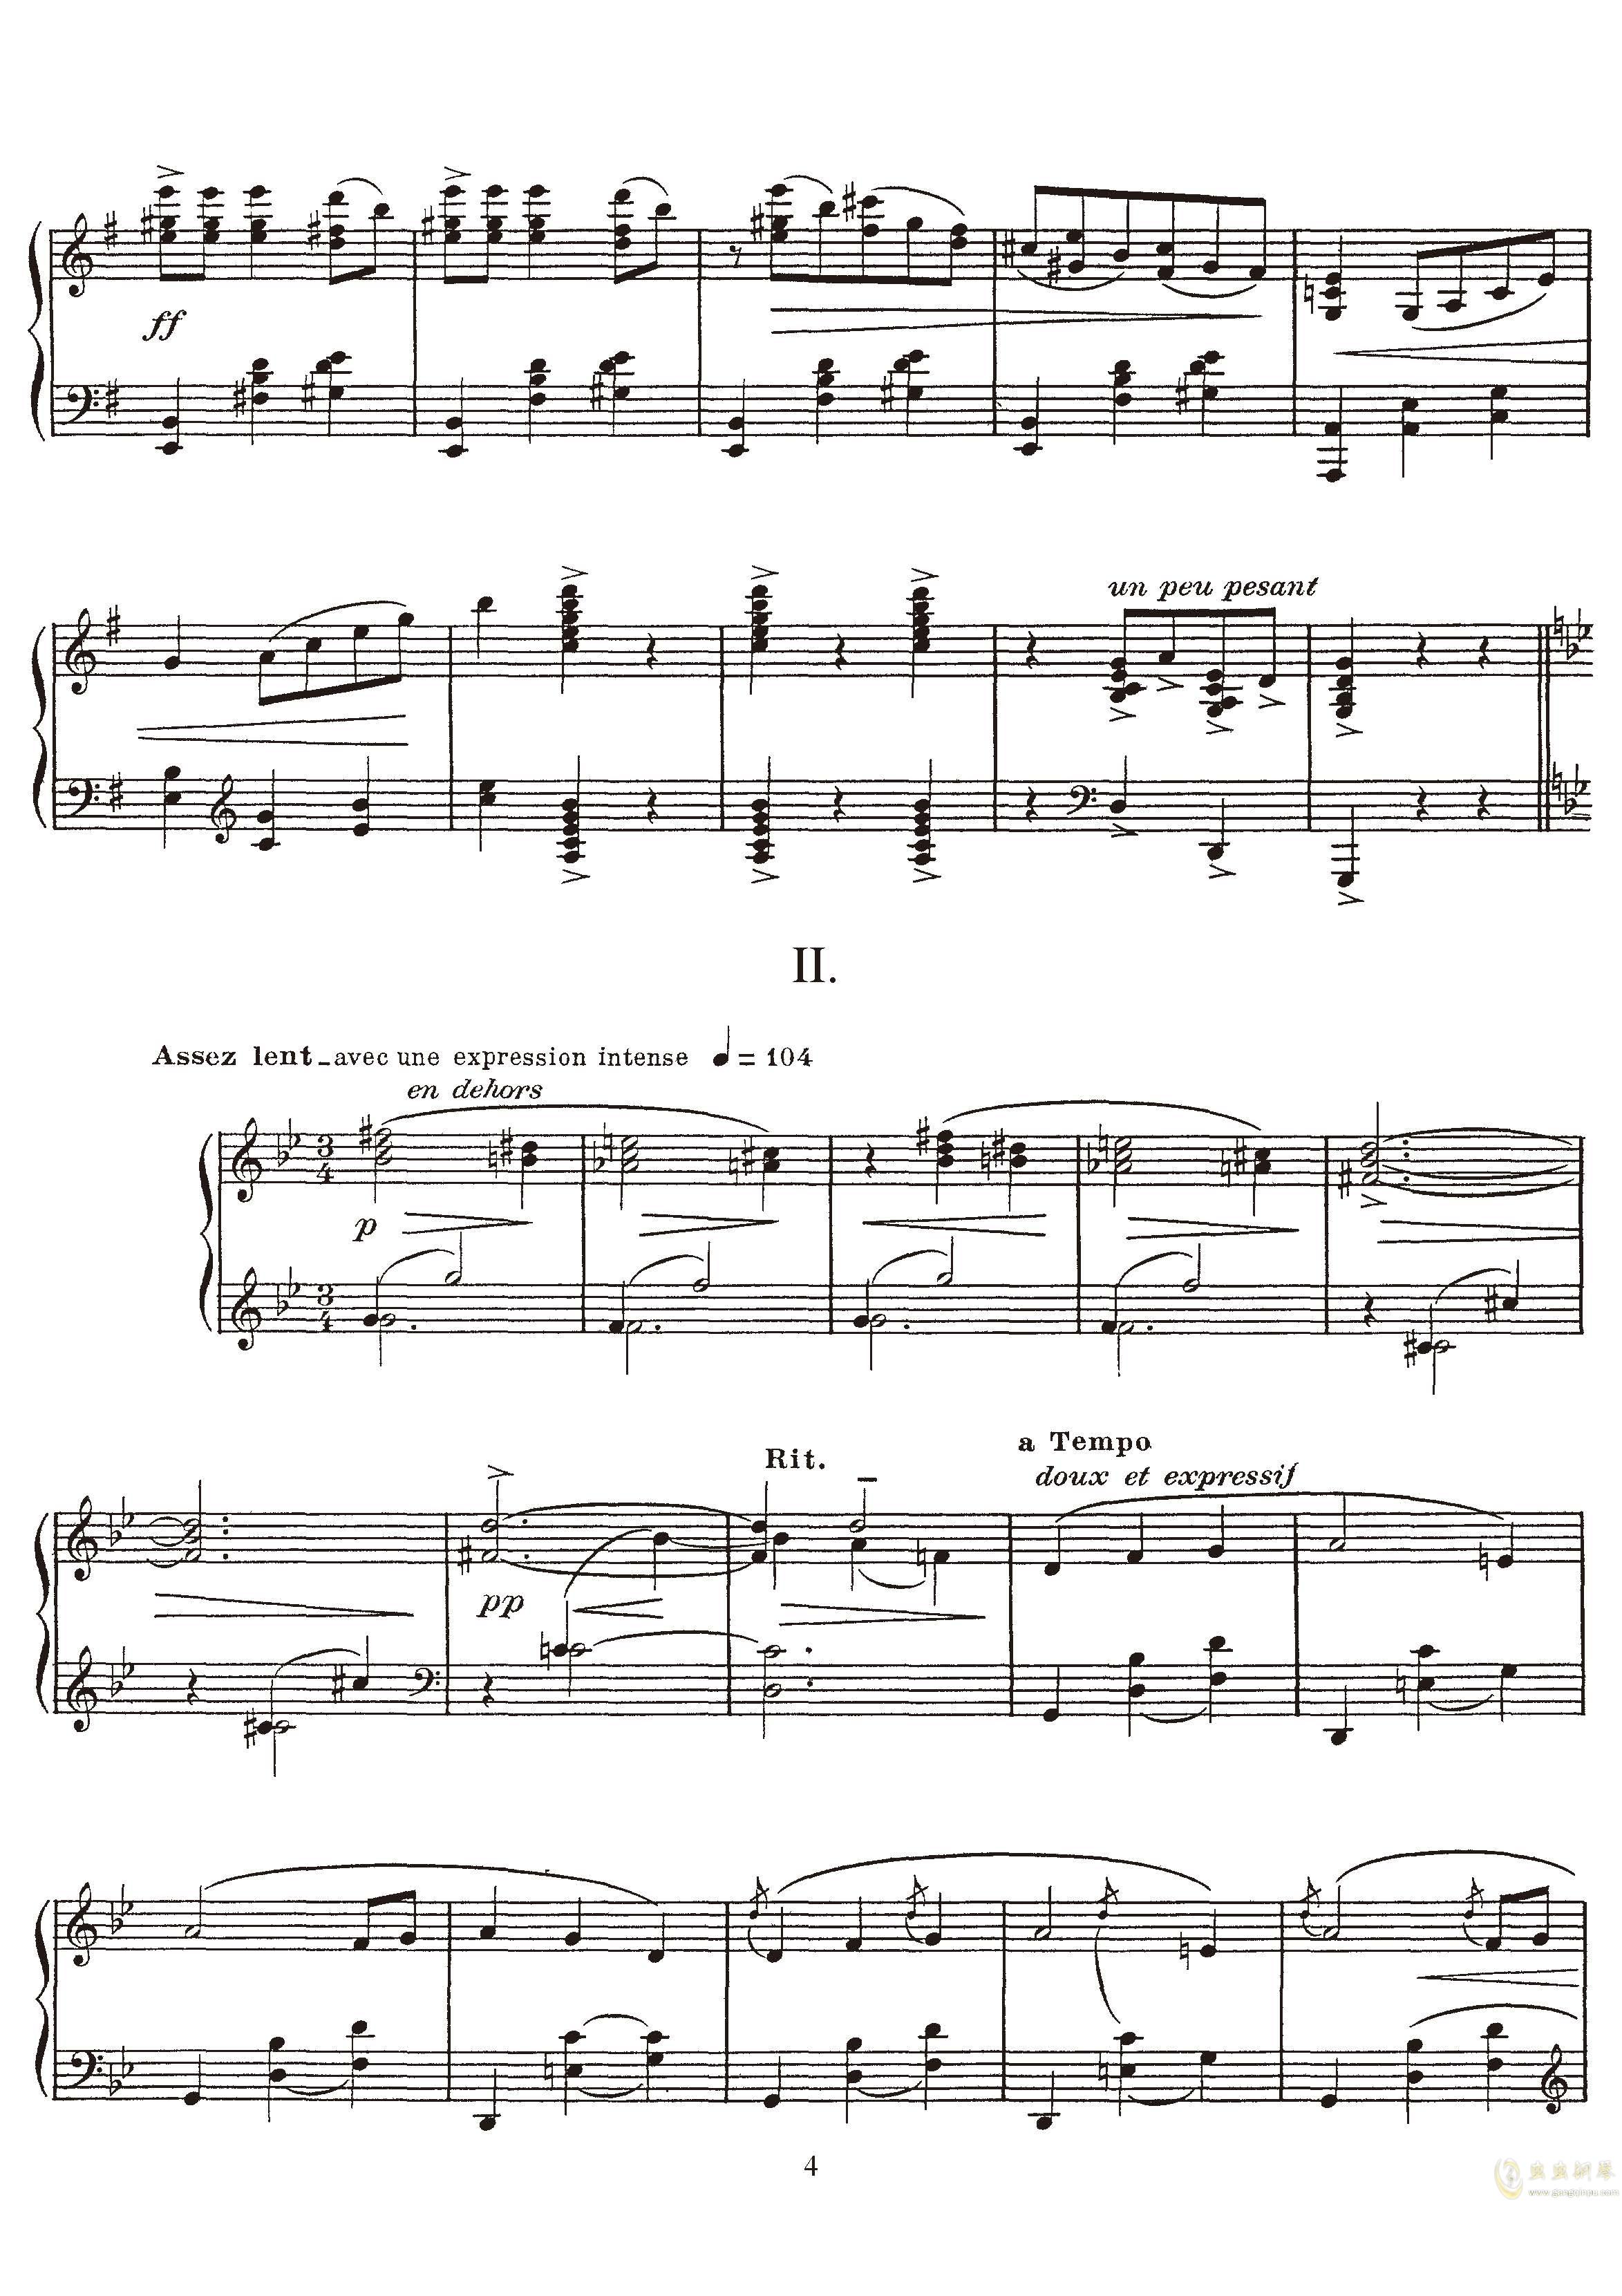 高贵而伤感的圆舞曲钢琴谱 第4页